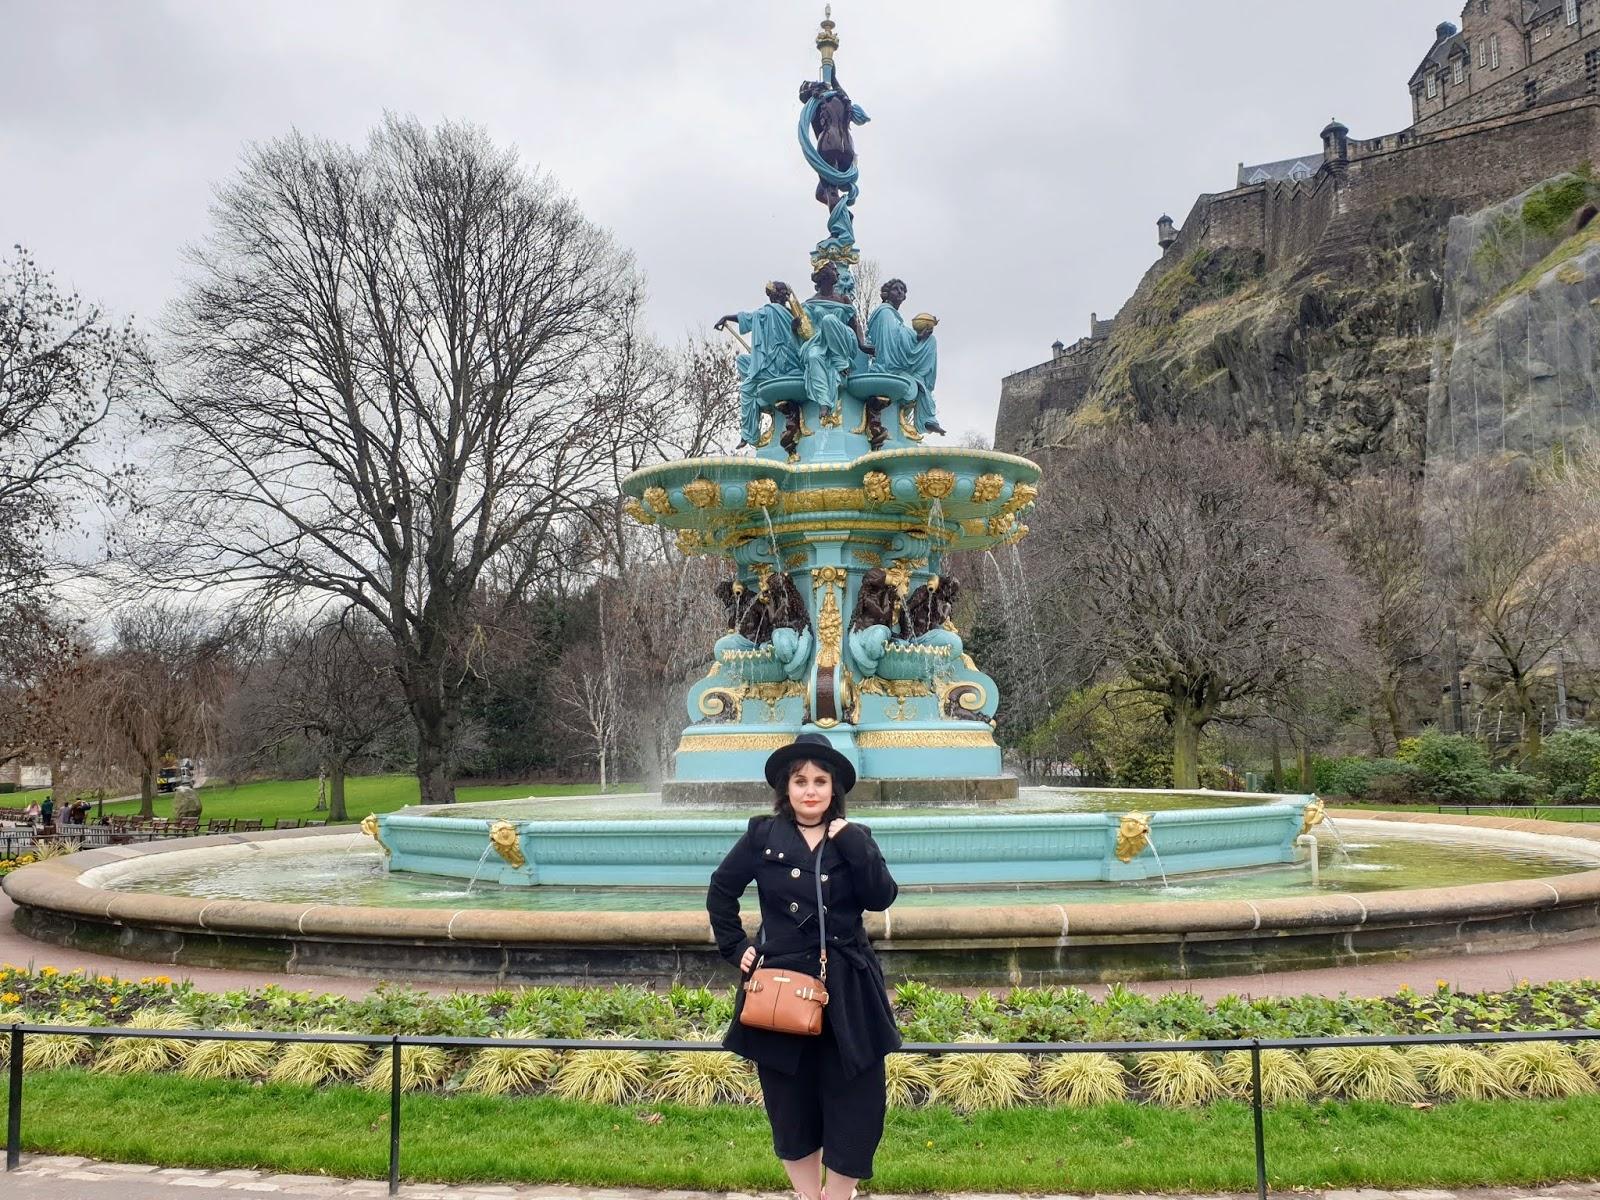 Edinburgh fountain